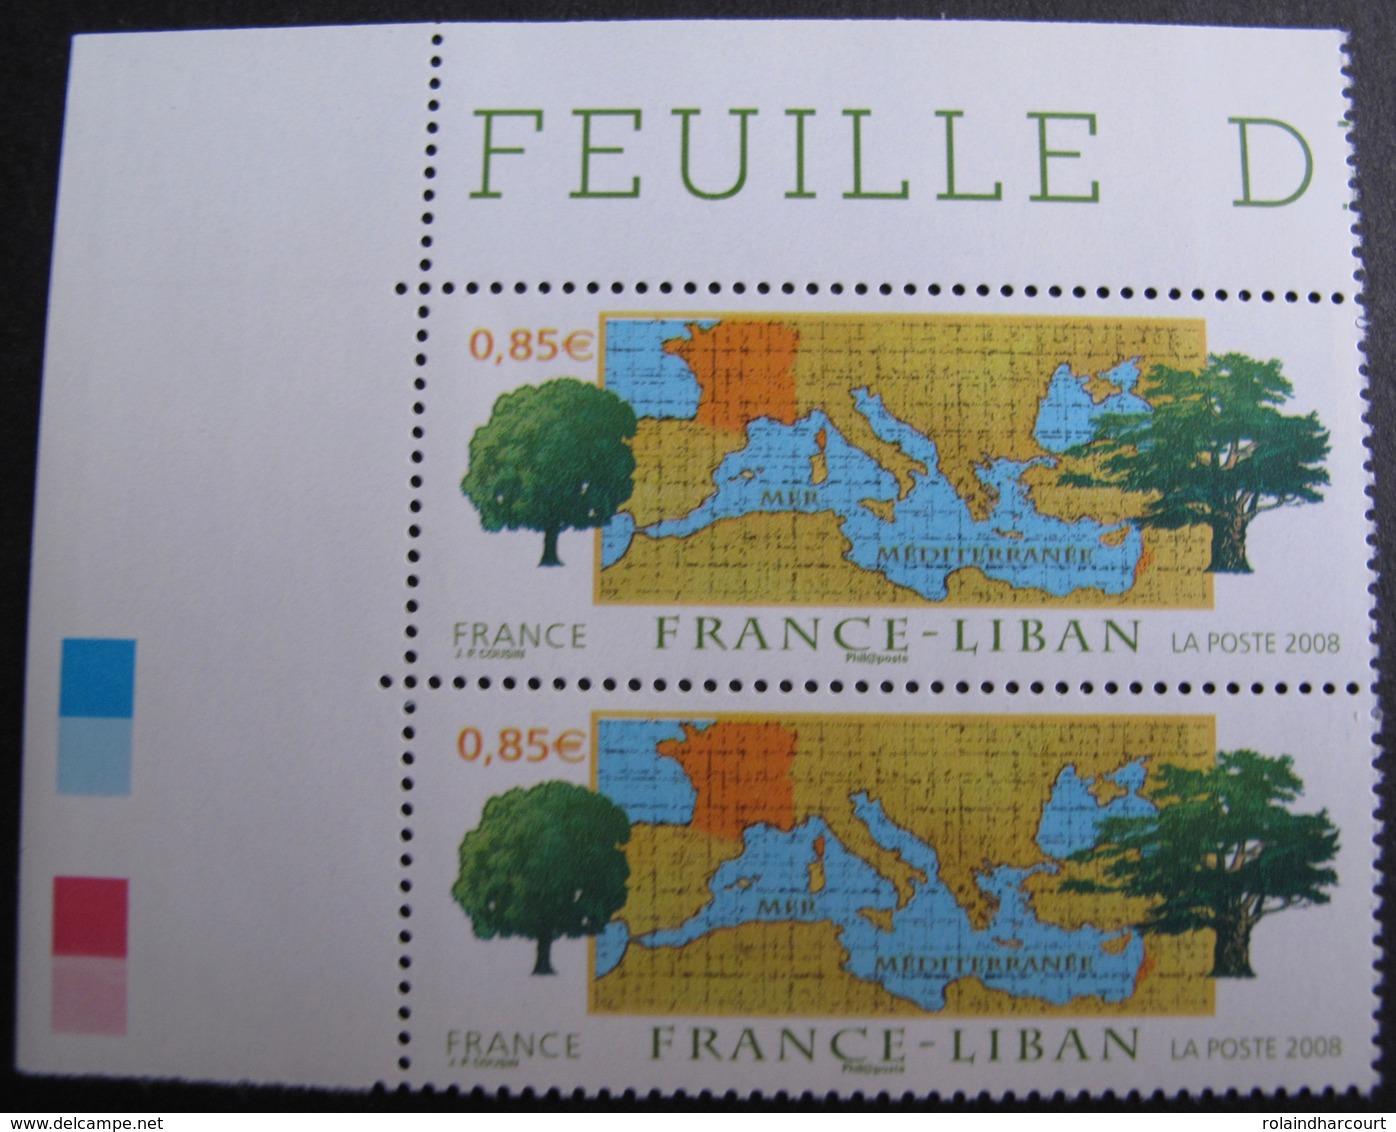 1943 - 2008 - PAIRE N°4323 TIMBRES NEUFS** CdF ☛☛☛ PRIX DE DEPART A MOINS DE 15% DE LA COTE CATALOGUE - France